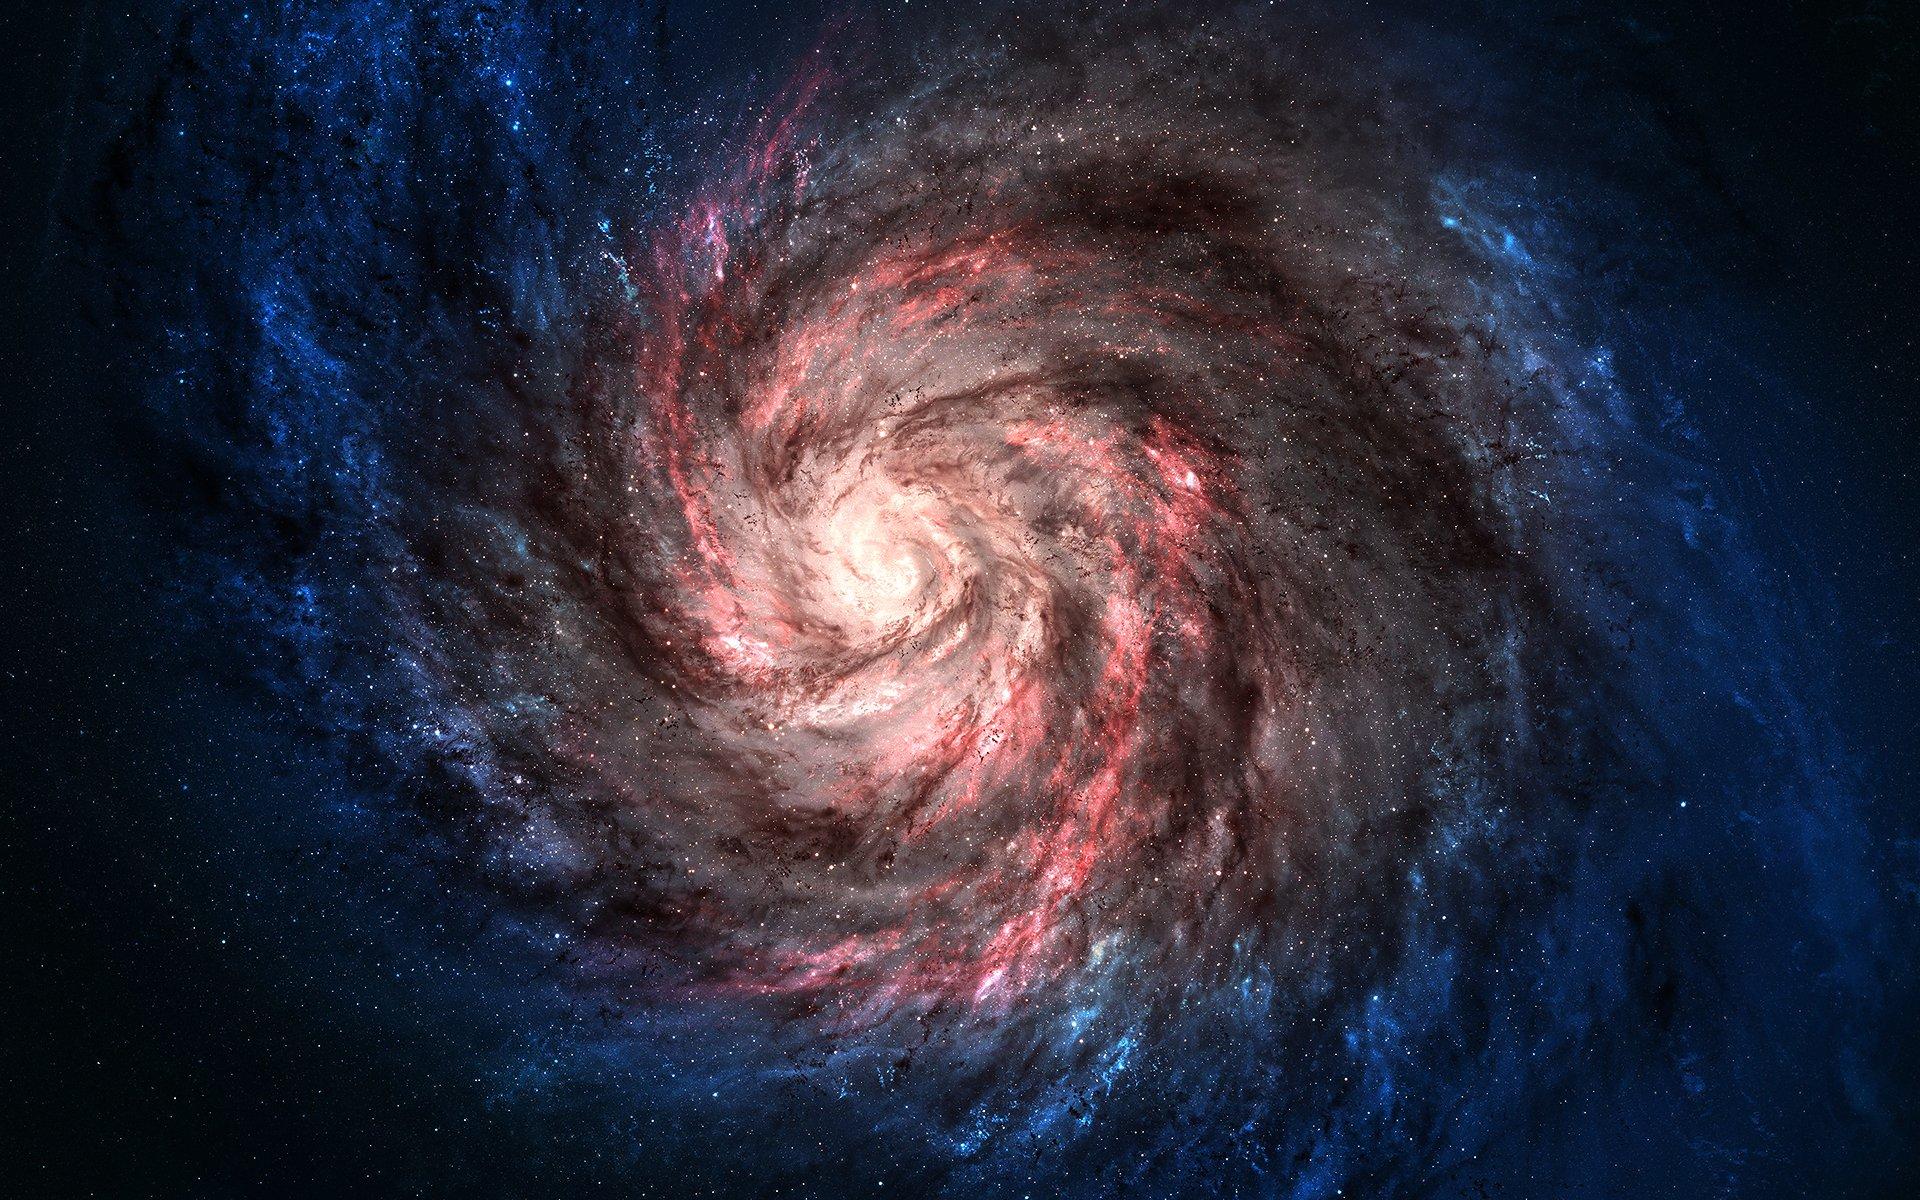 чёрная дыра в космосе